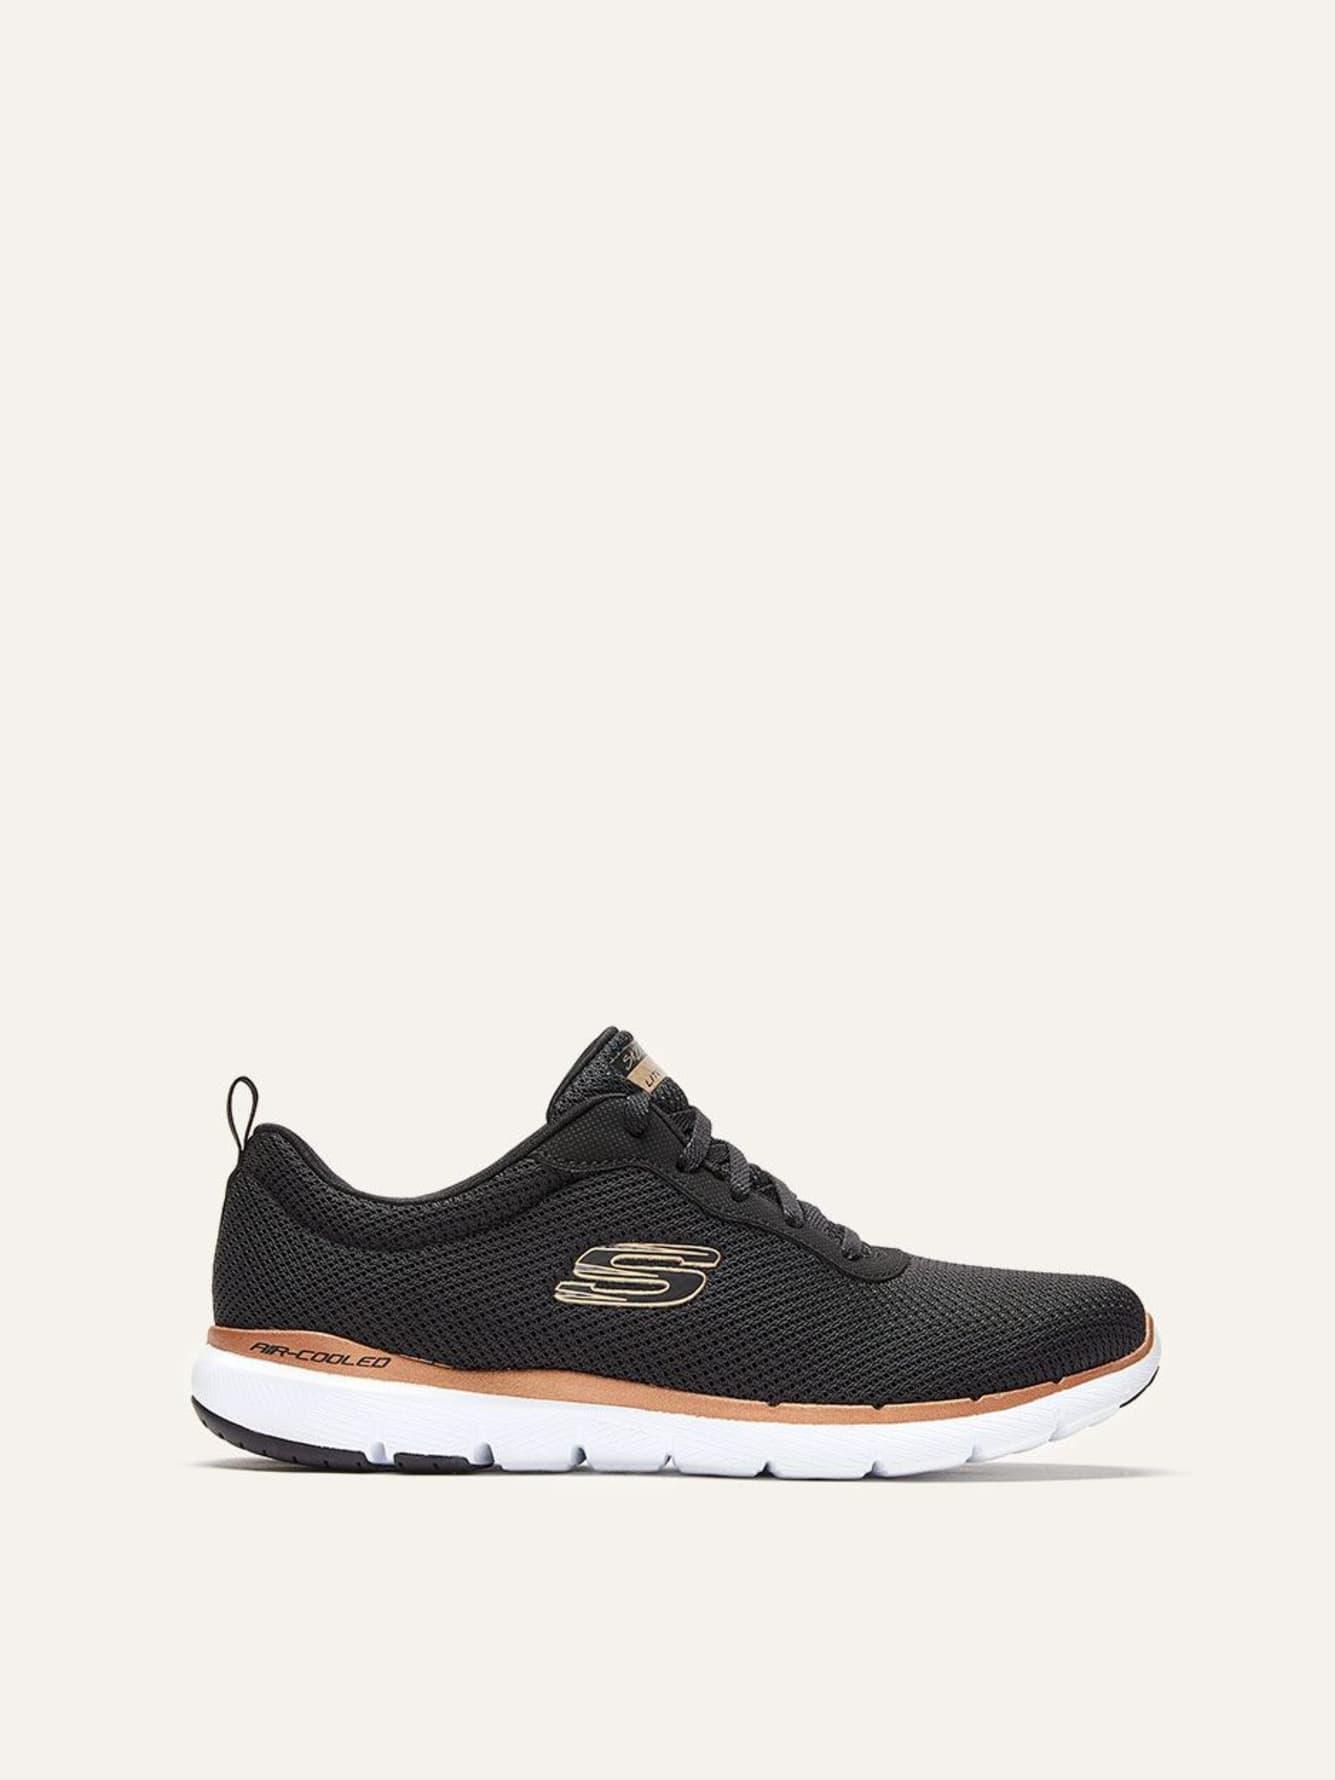 25b23b4e Skechers Flex Appeal 3.0, First Insight - Wide Width Mesh Sneakers ...